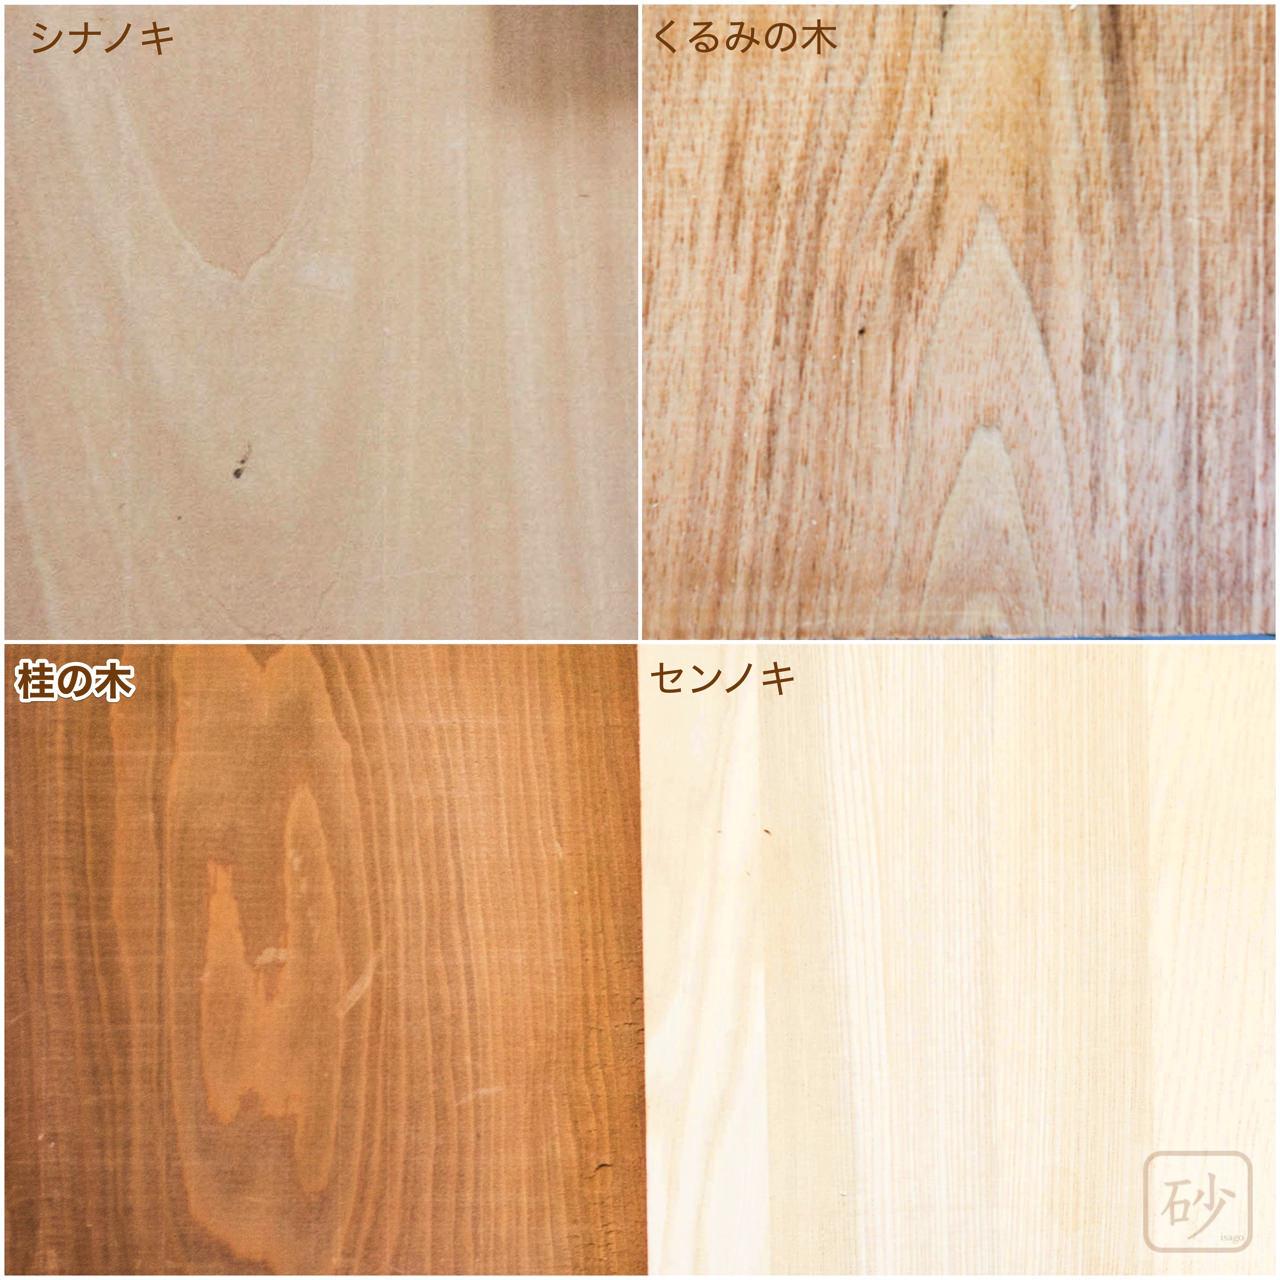 木彫りの材料 木材